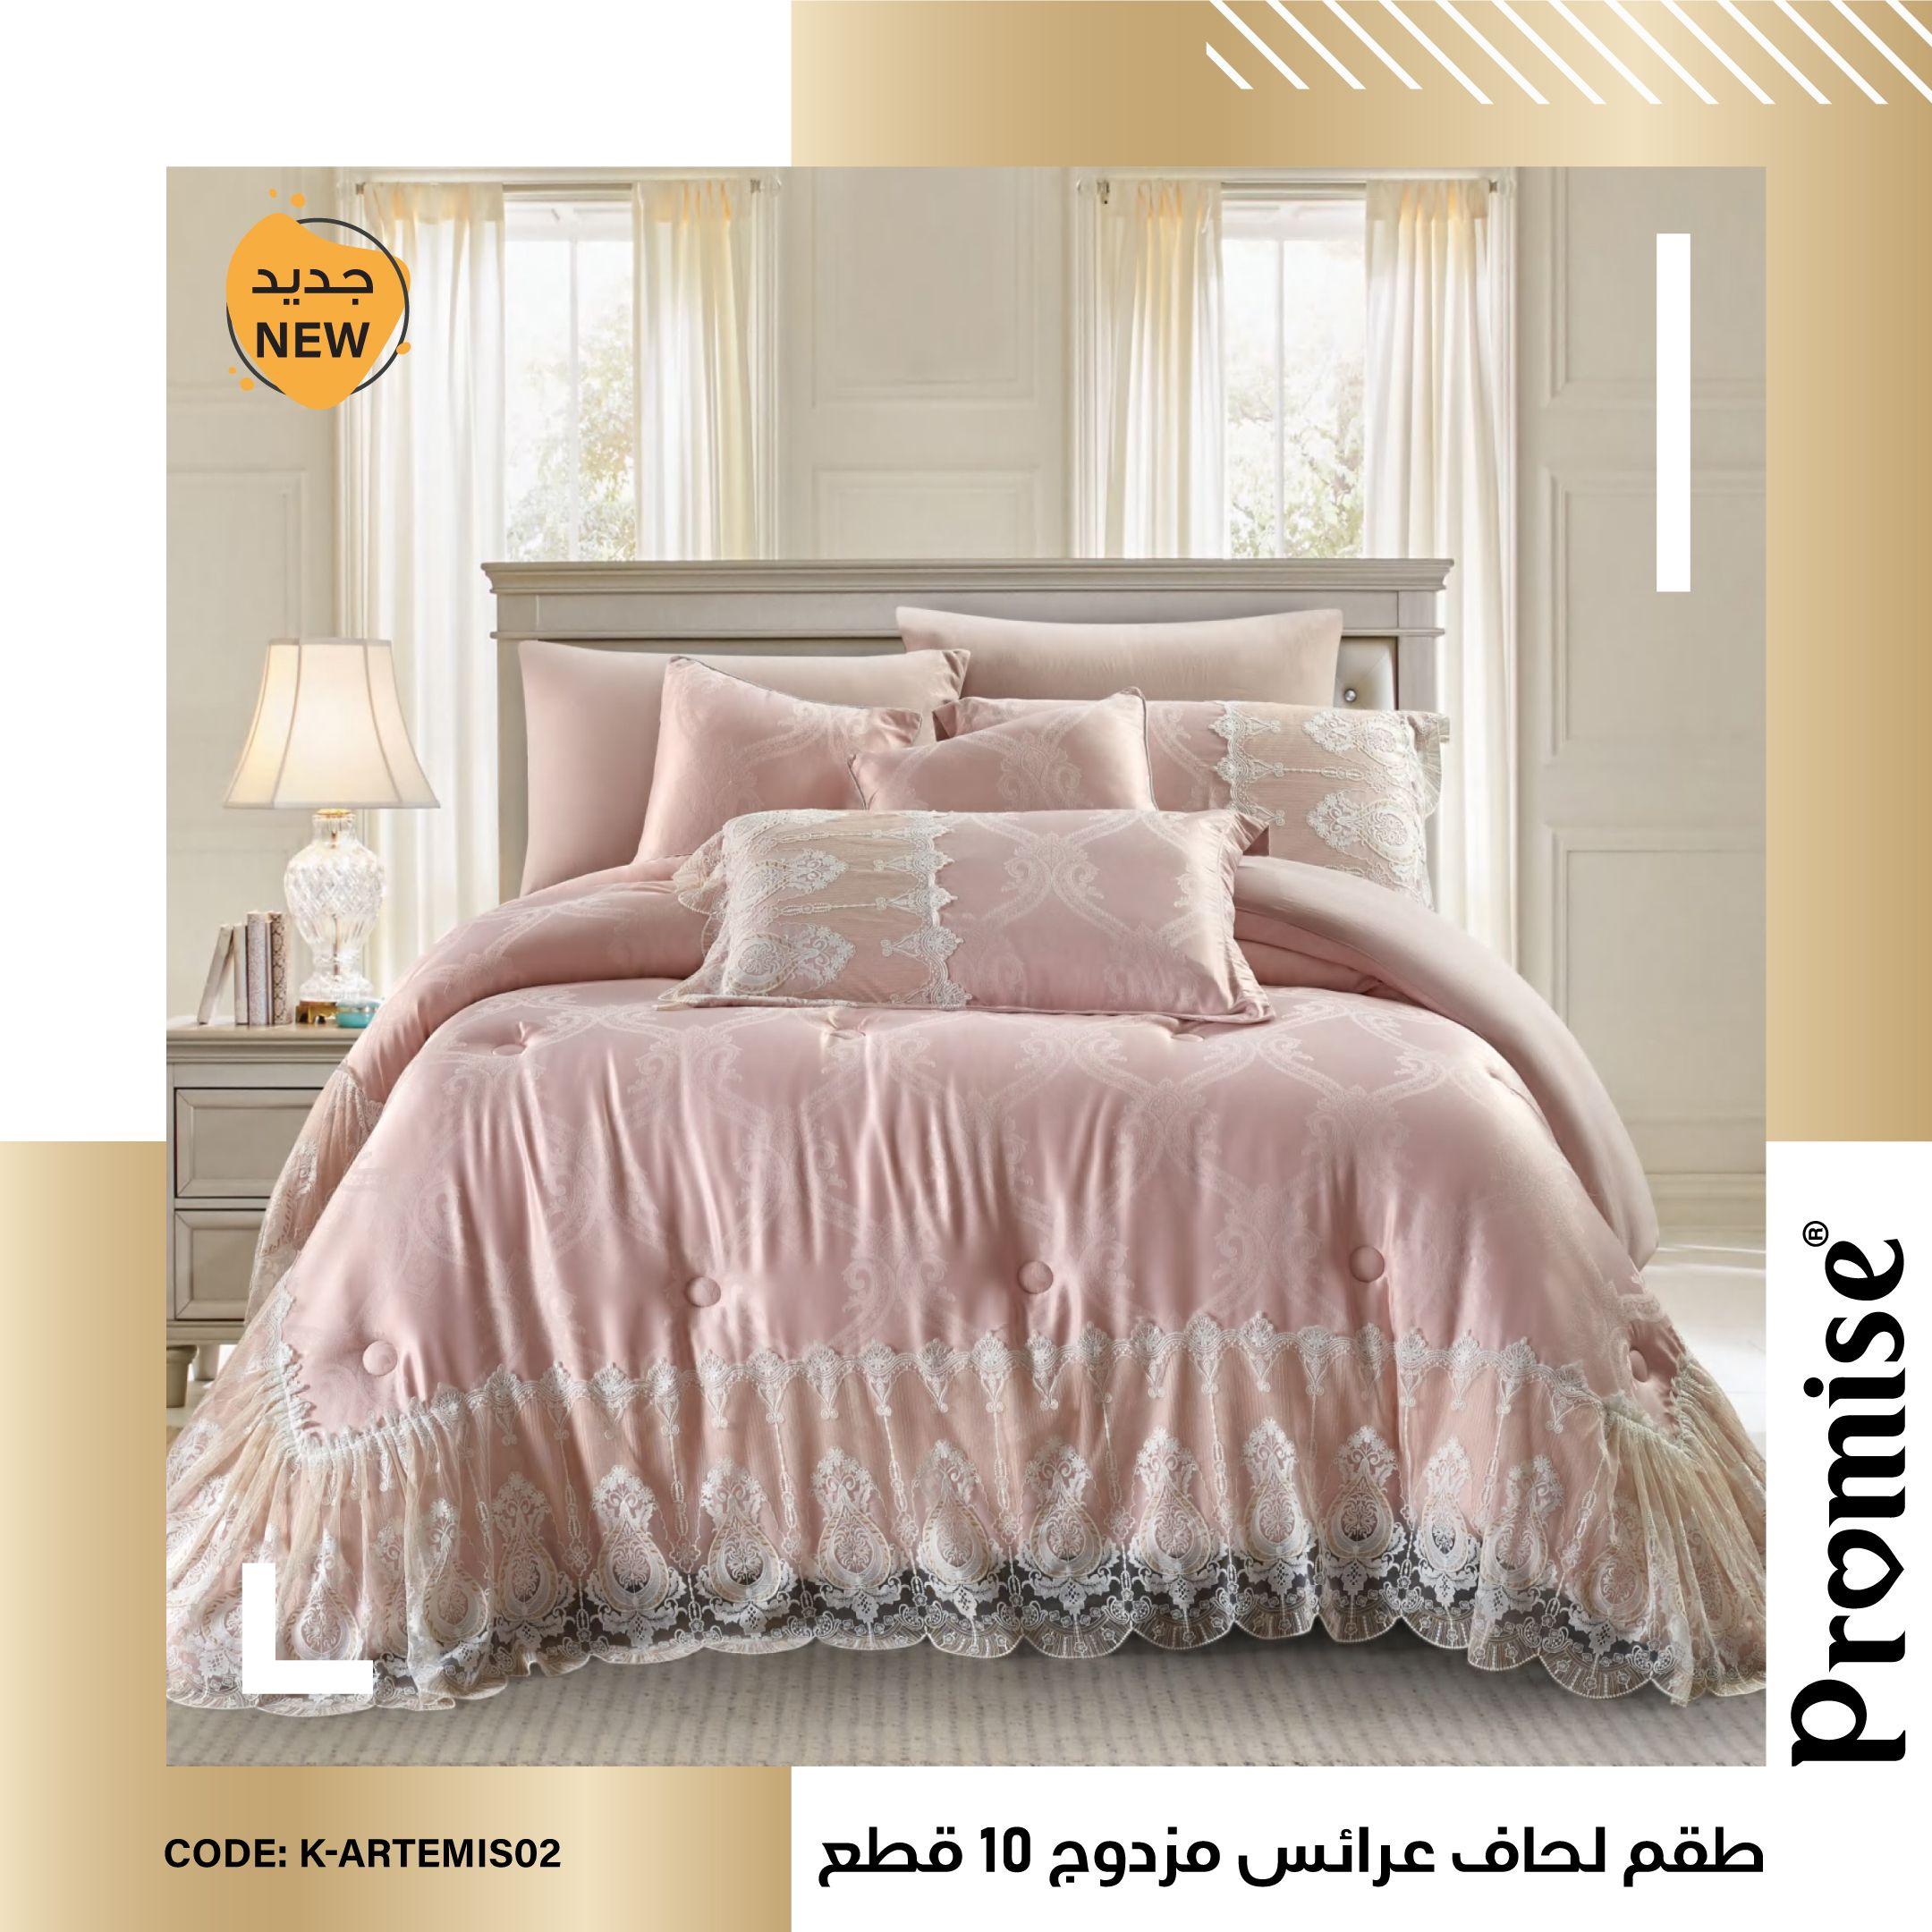 تألقي مع تشكيلة الجديدة من بست مومنت للعرائس سلوب حياة Home Decor Home Furniture